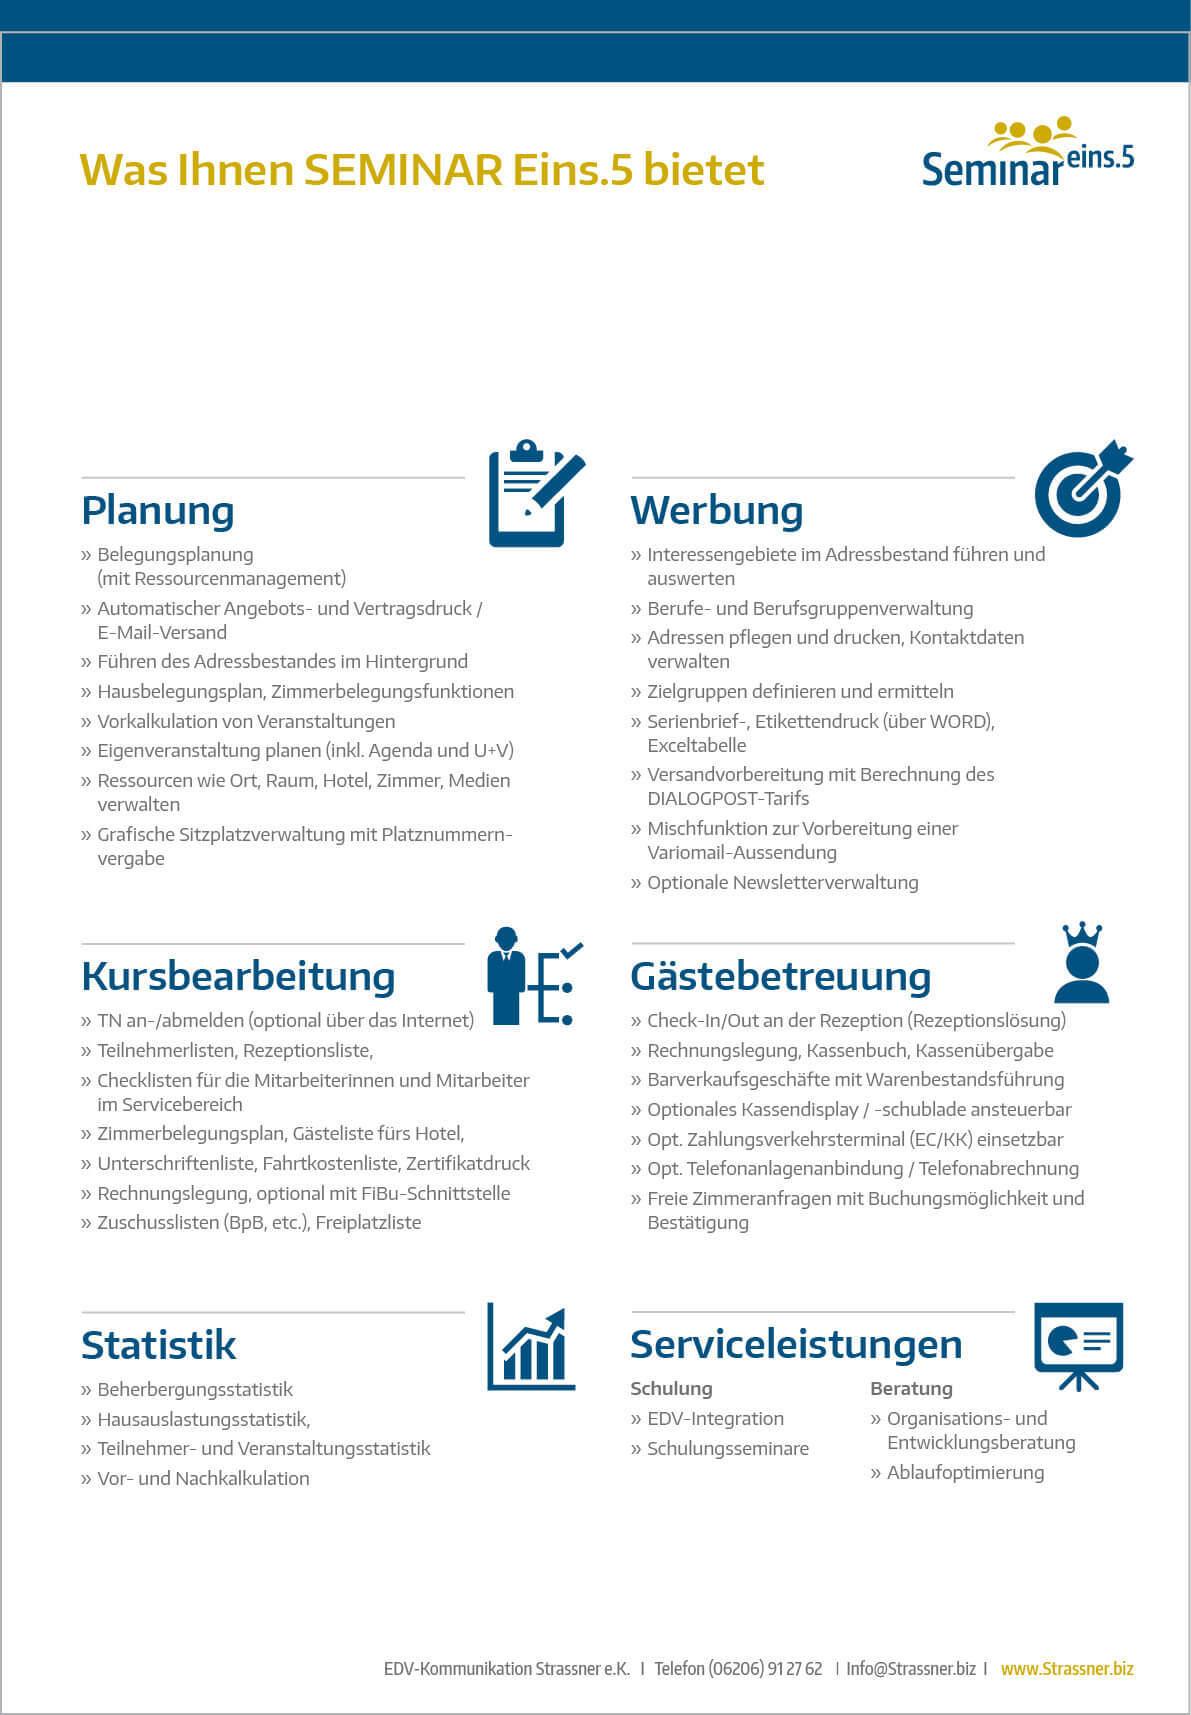 Seminar_Software_Seite2